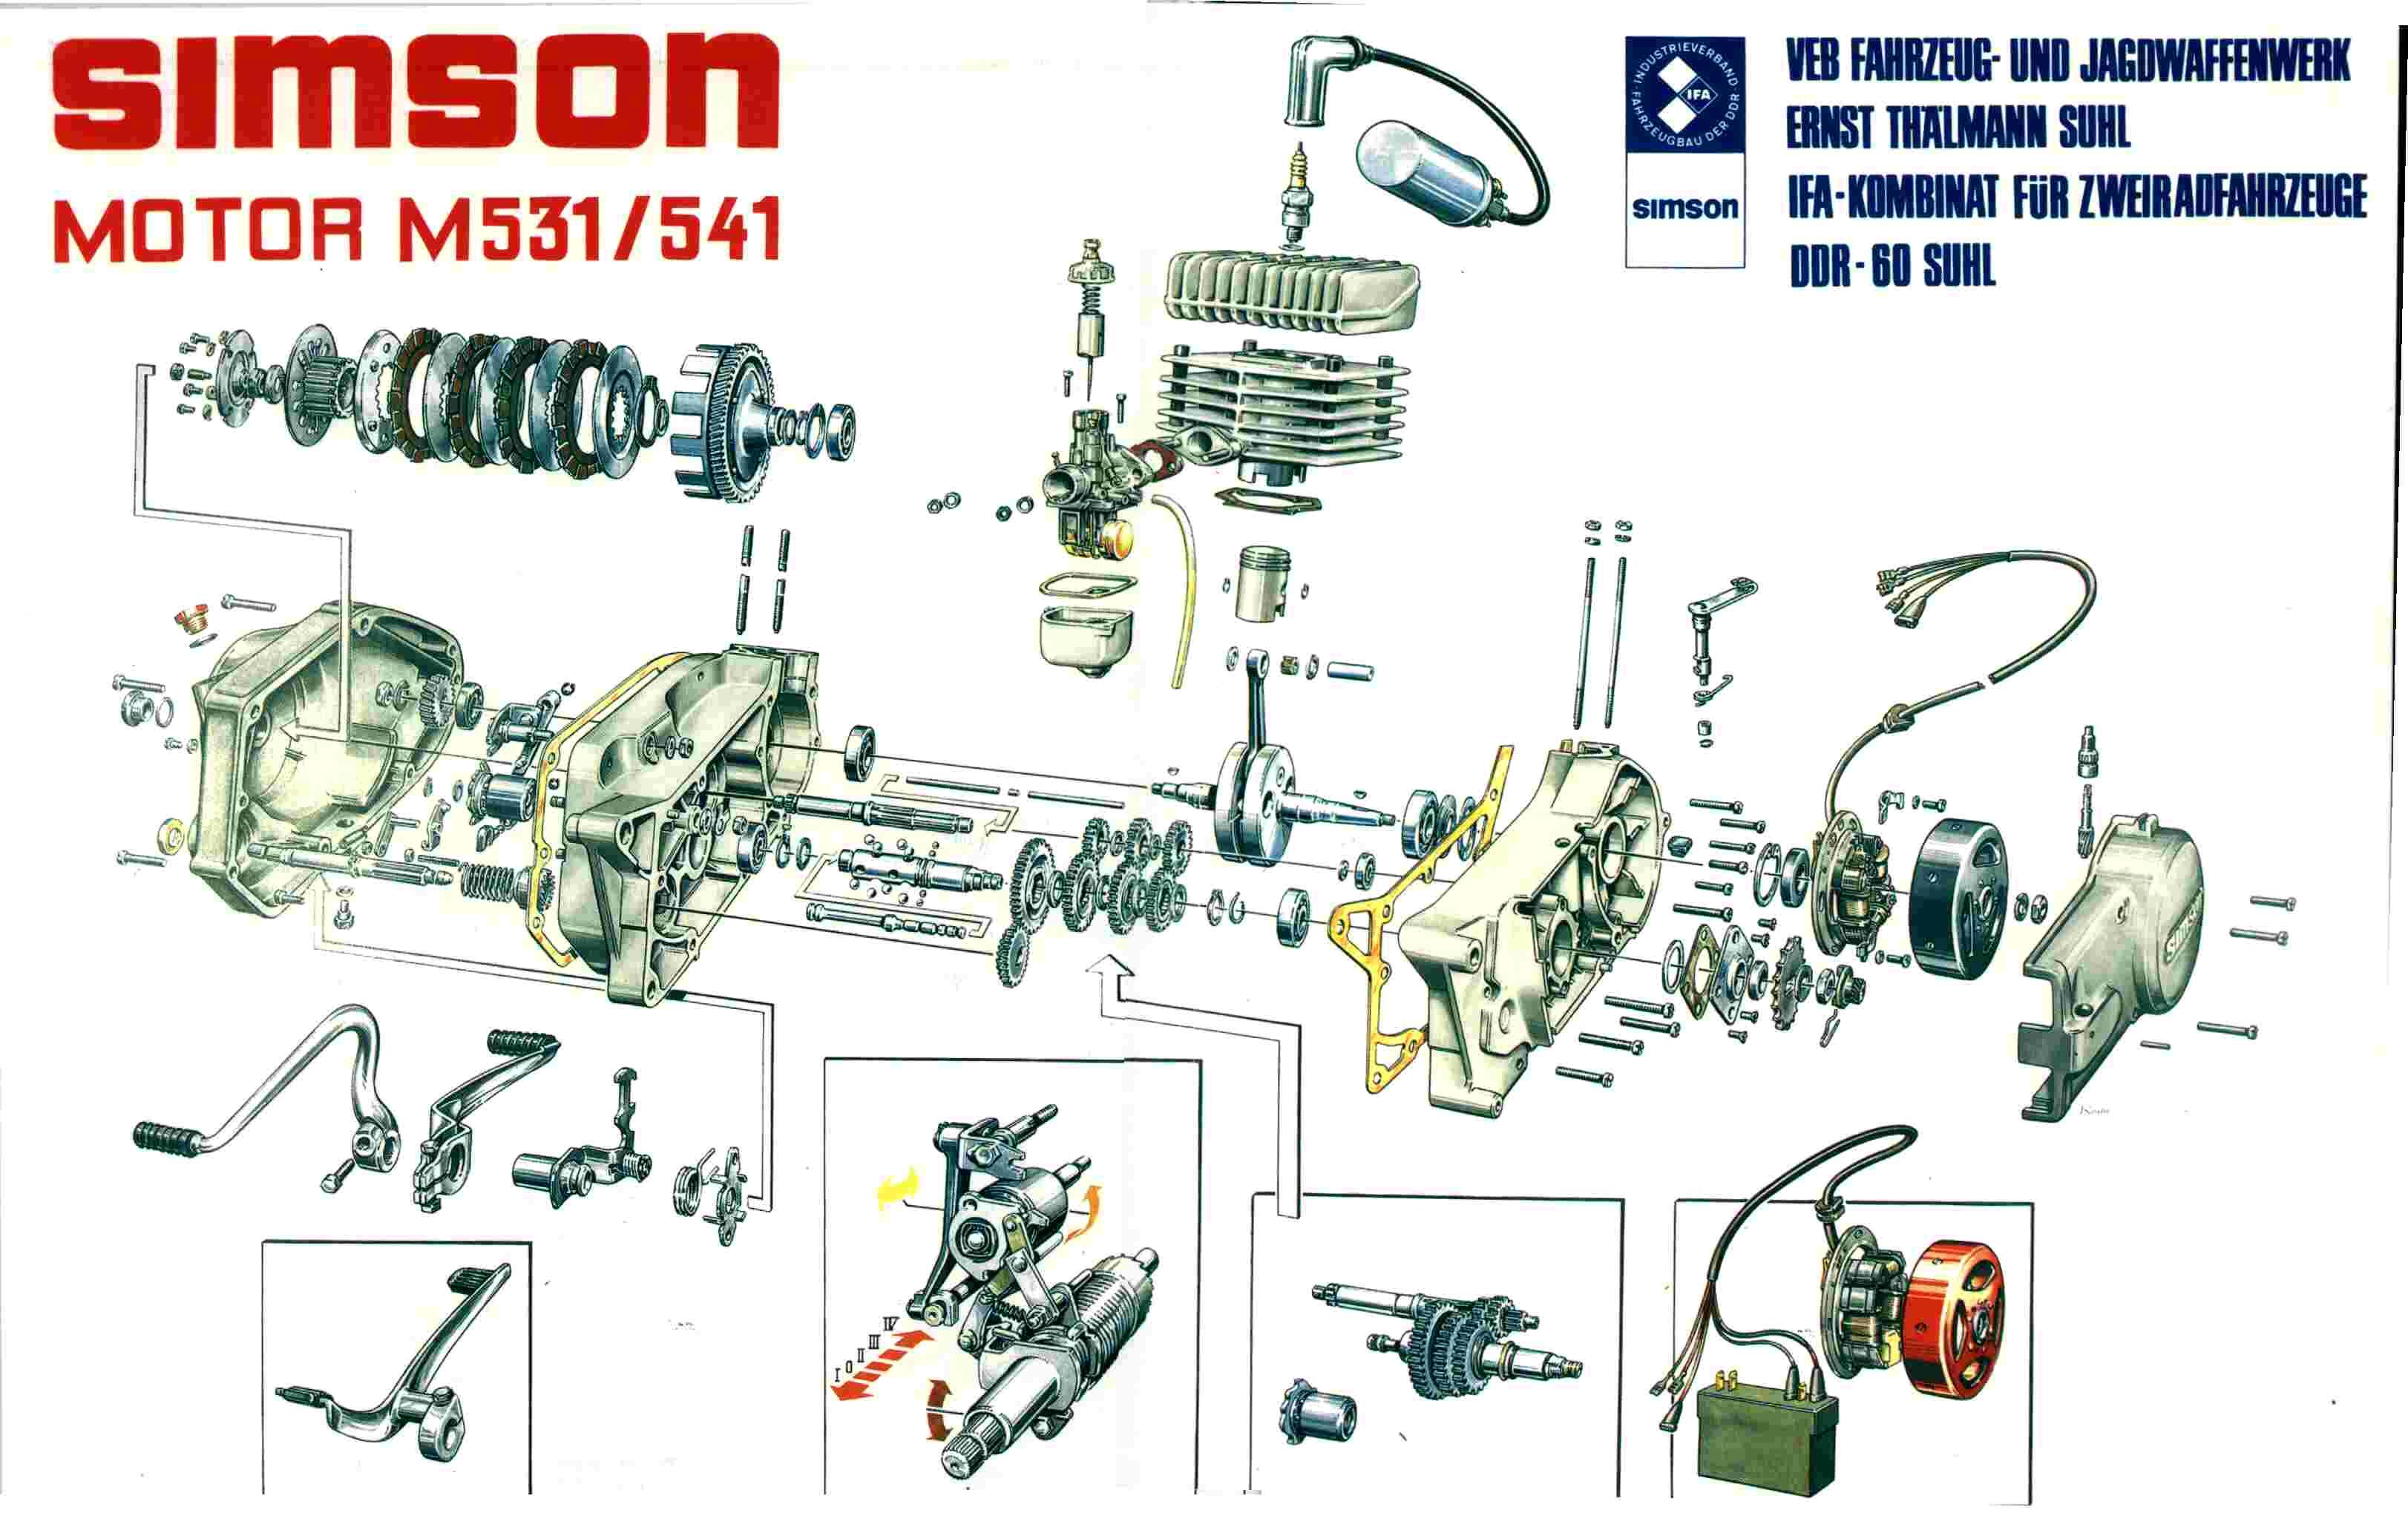 Explosivzeichnung Motor M531/541